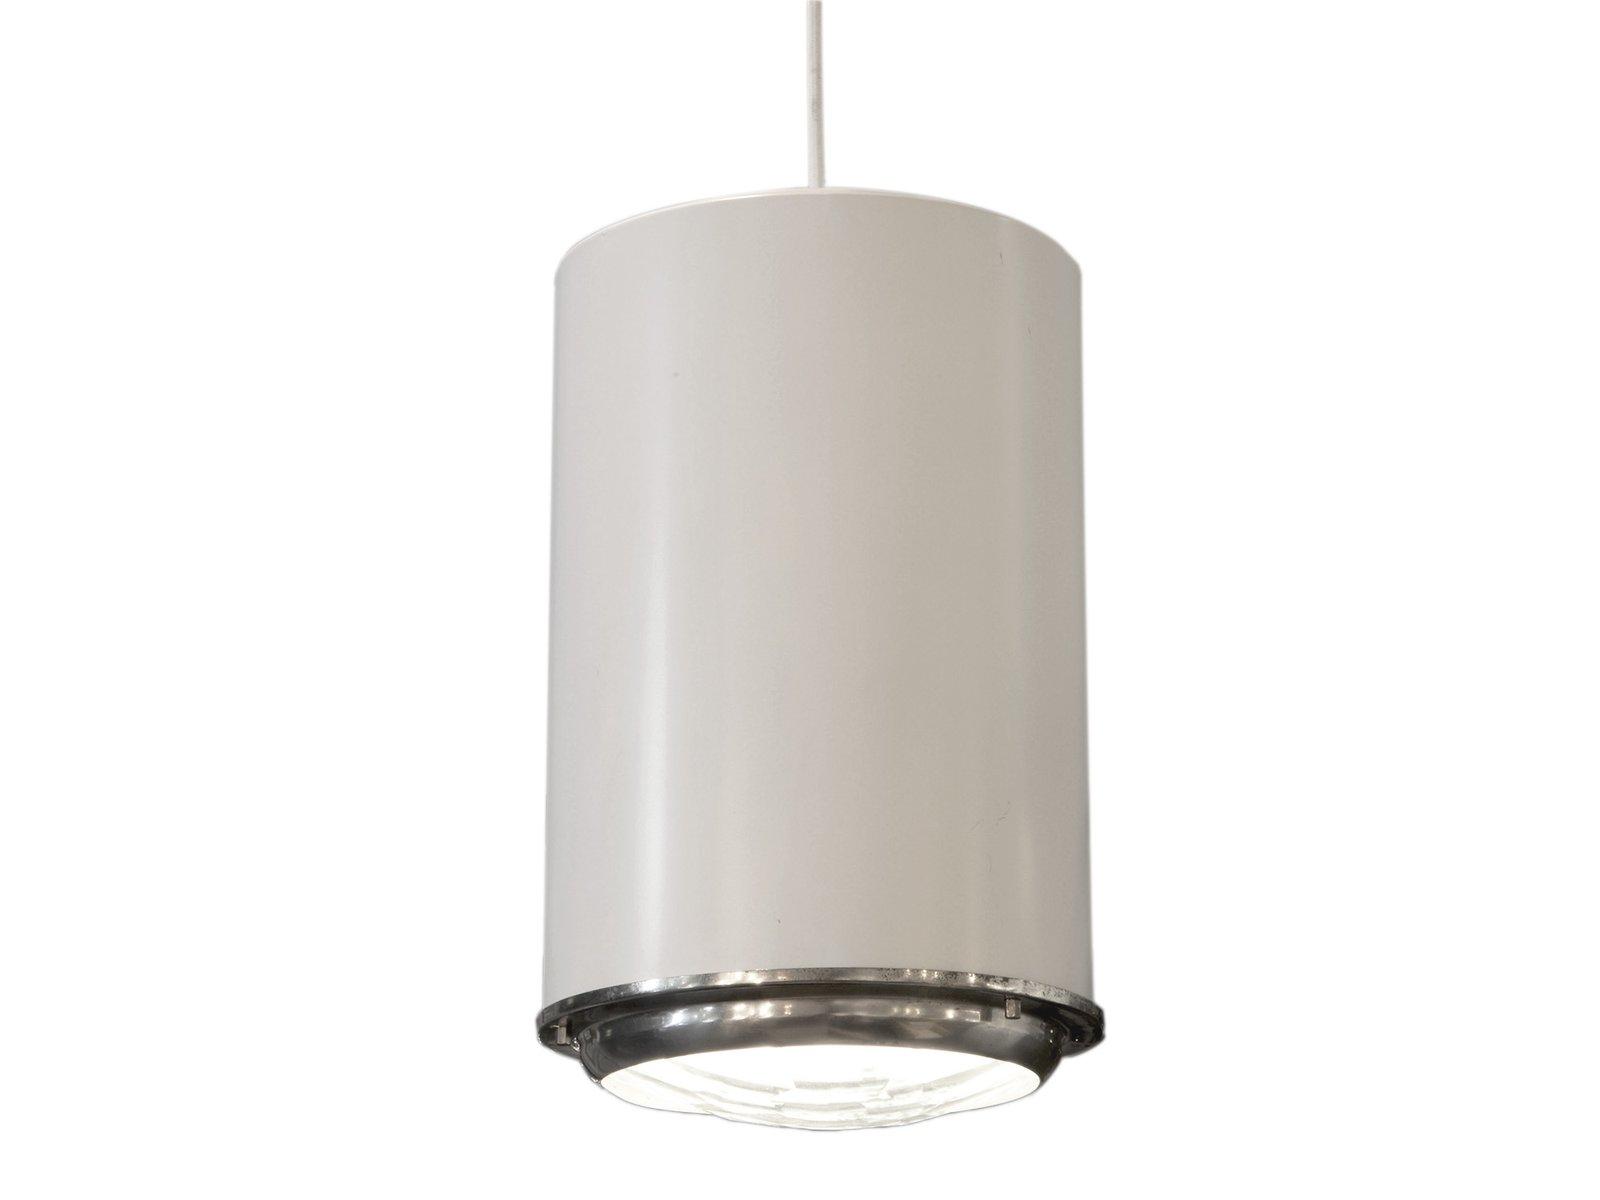 Lampada bianca di Fontana Arte, anni \'60 in vendita su Pamono